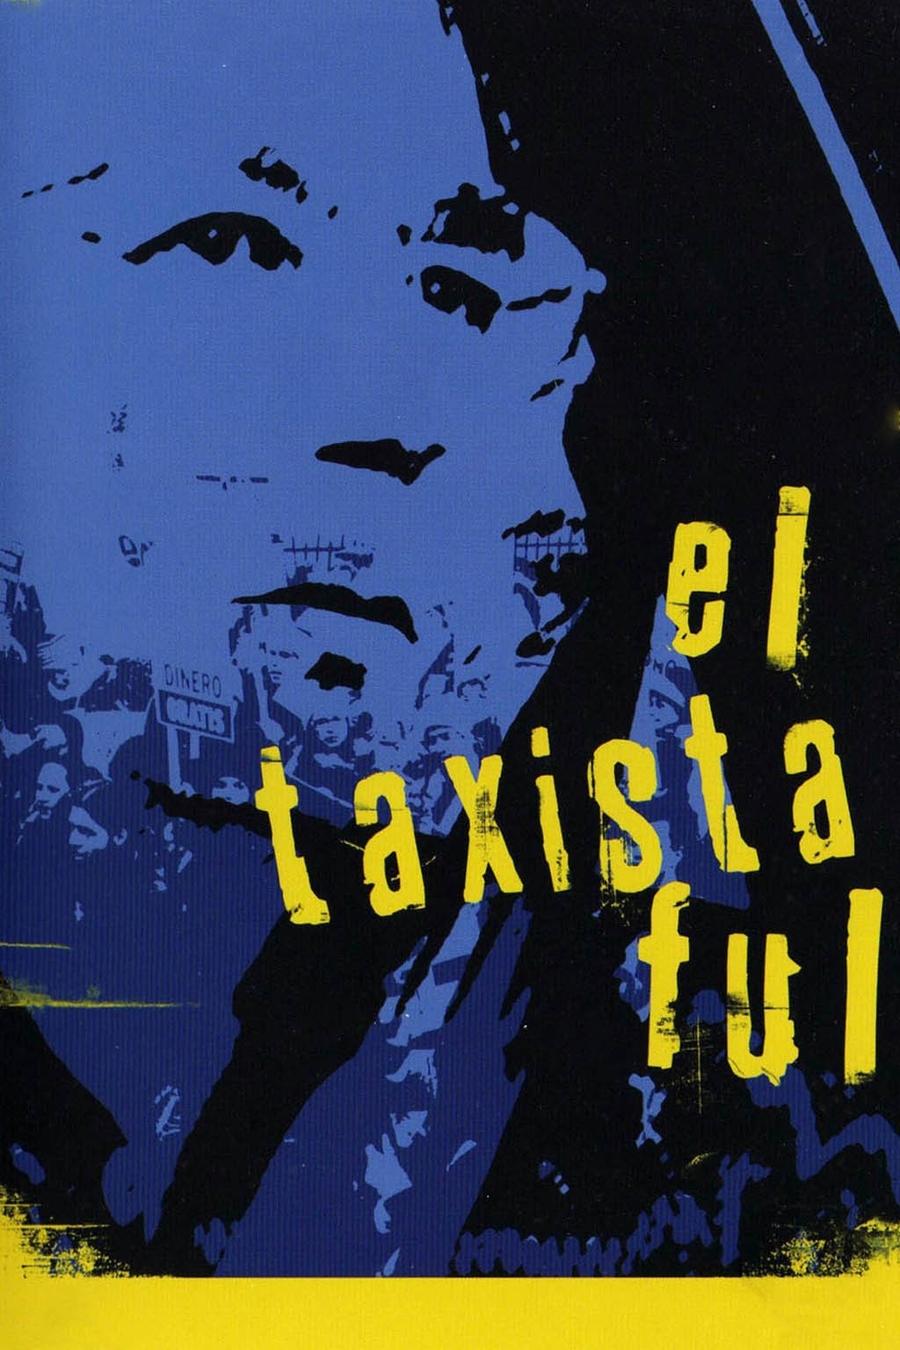 El Taxista Ful